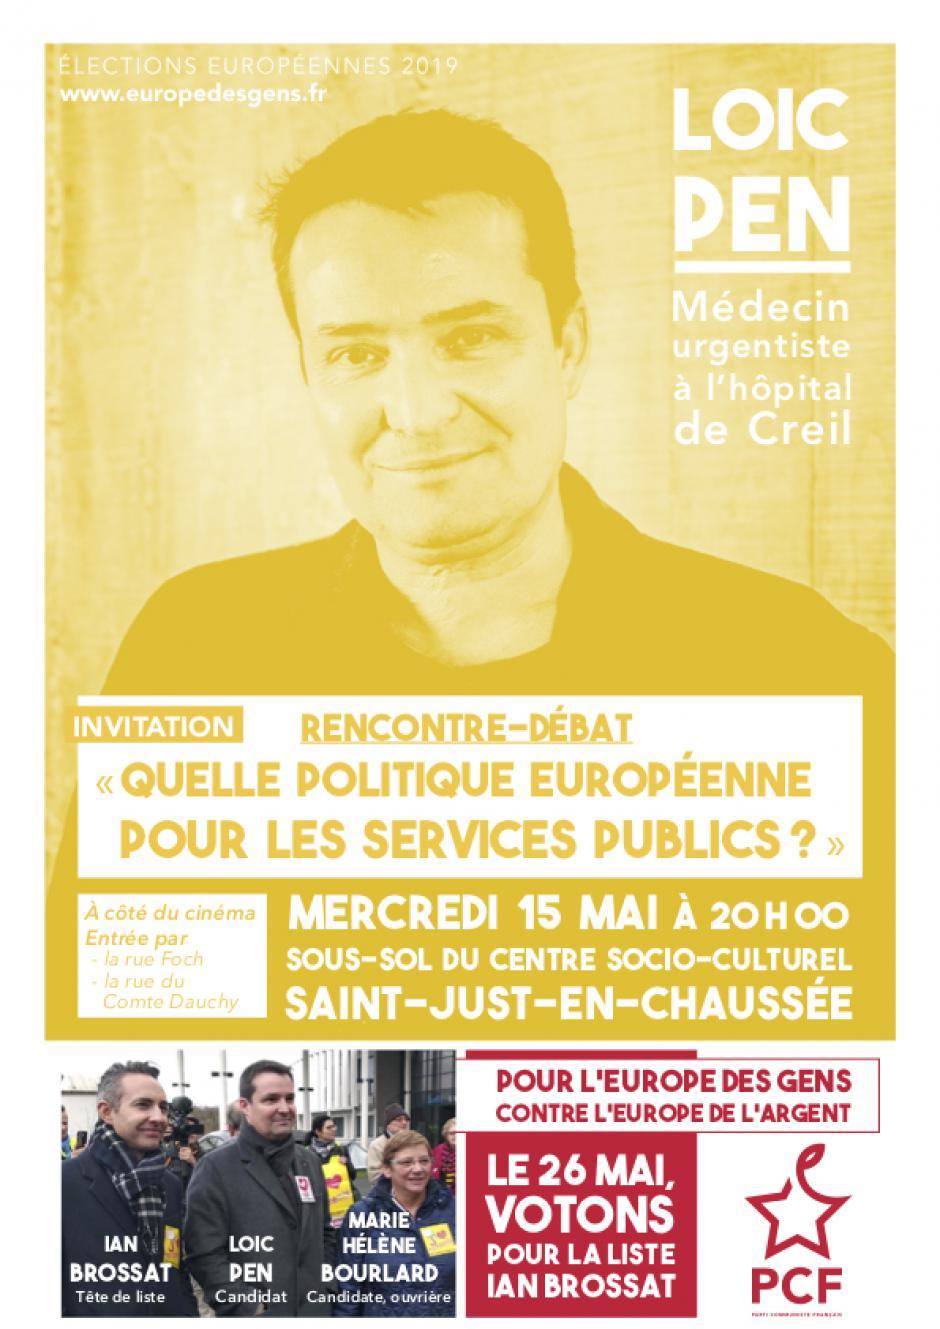 15 mai, Saint-Just-en-Chaussée - Européennes 2019 : rencontre-débat avec le candidat Loïc Pen